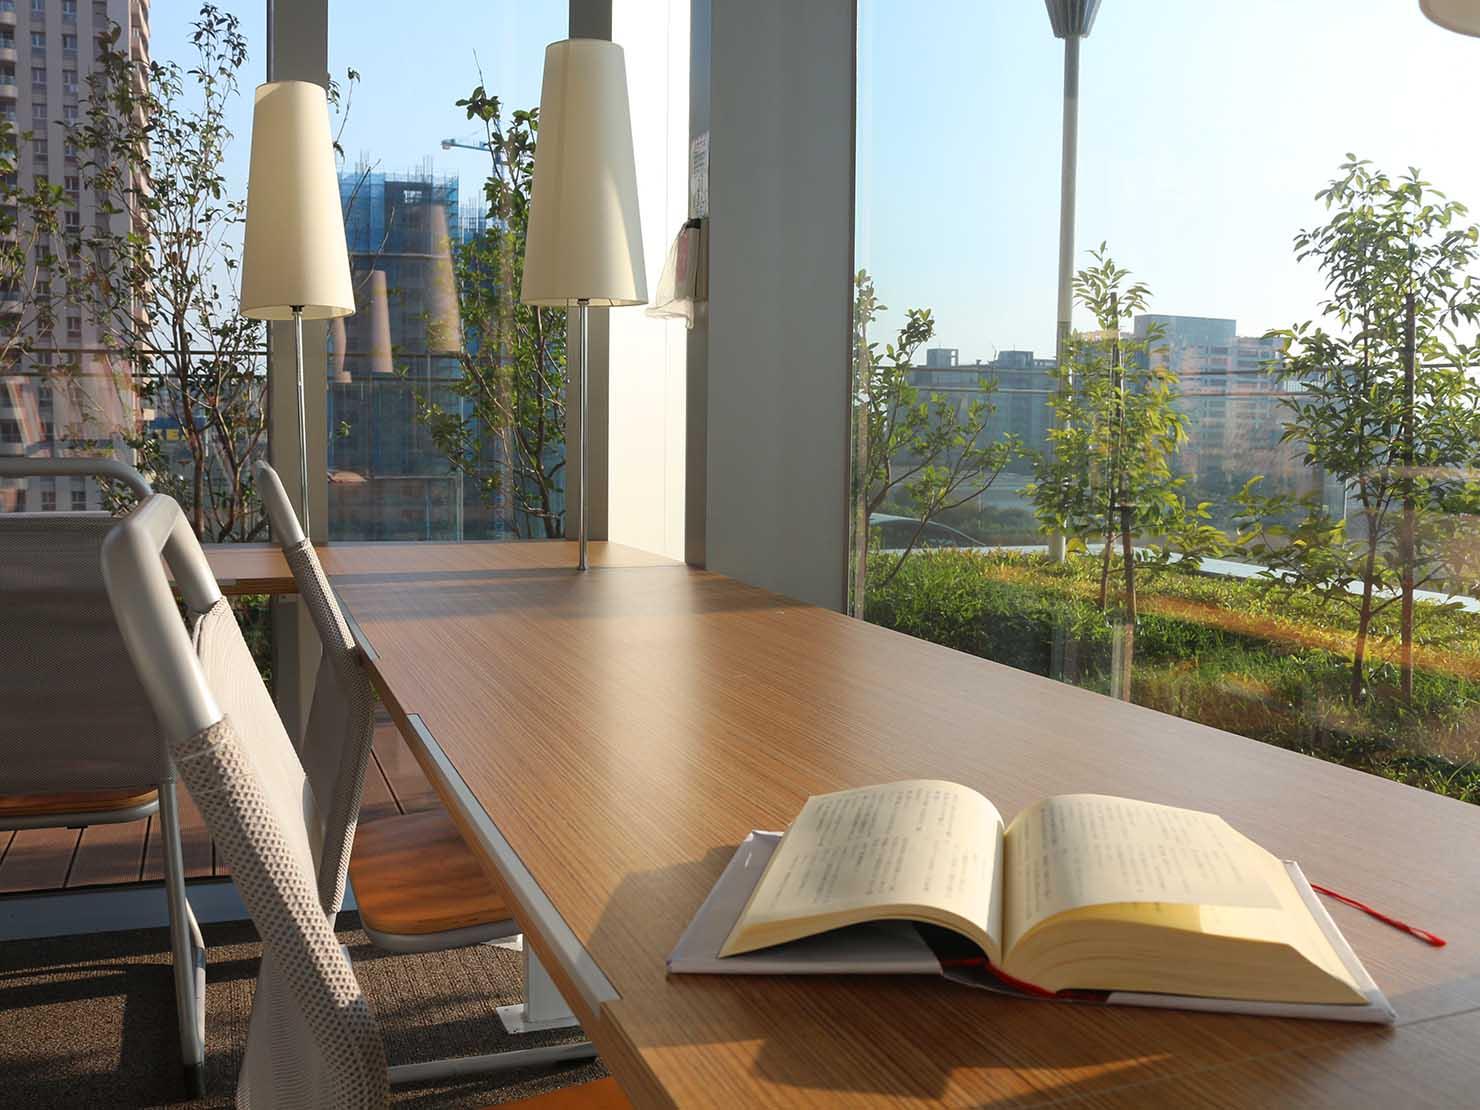 高雄のおすすめ観光スポット「三多商圈」高雄市立圖書館の館内